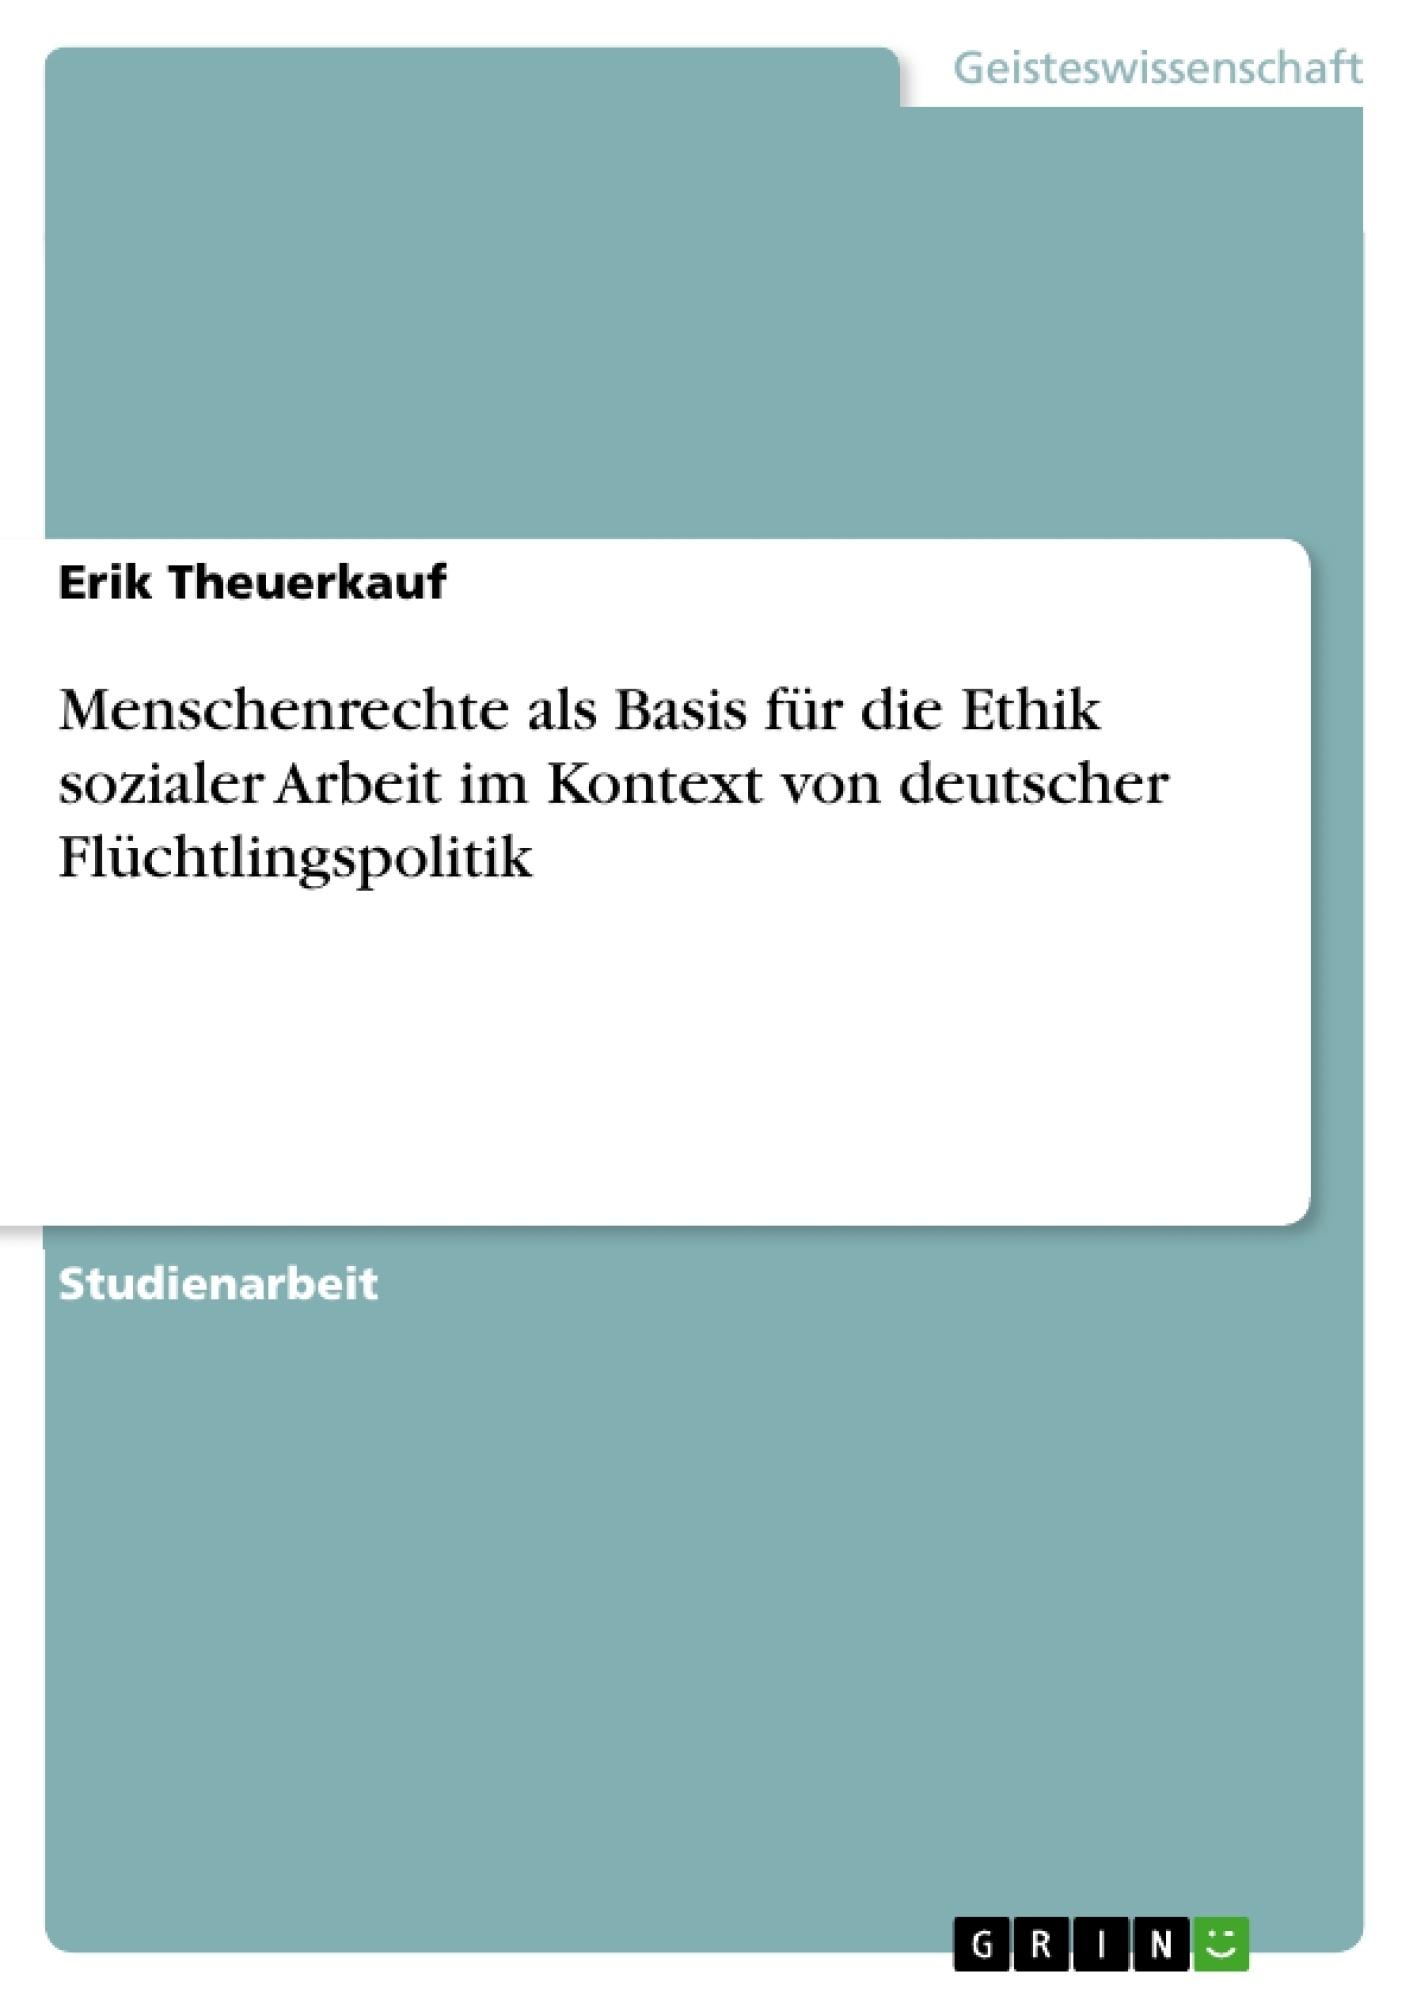 Titel: Menschenrechte als Basis für die Ethik sozialer Arbeit im Kontext von deutscher Flüchtlingspolitik